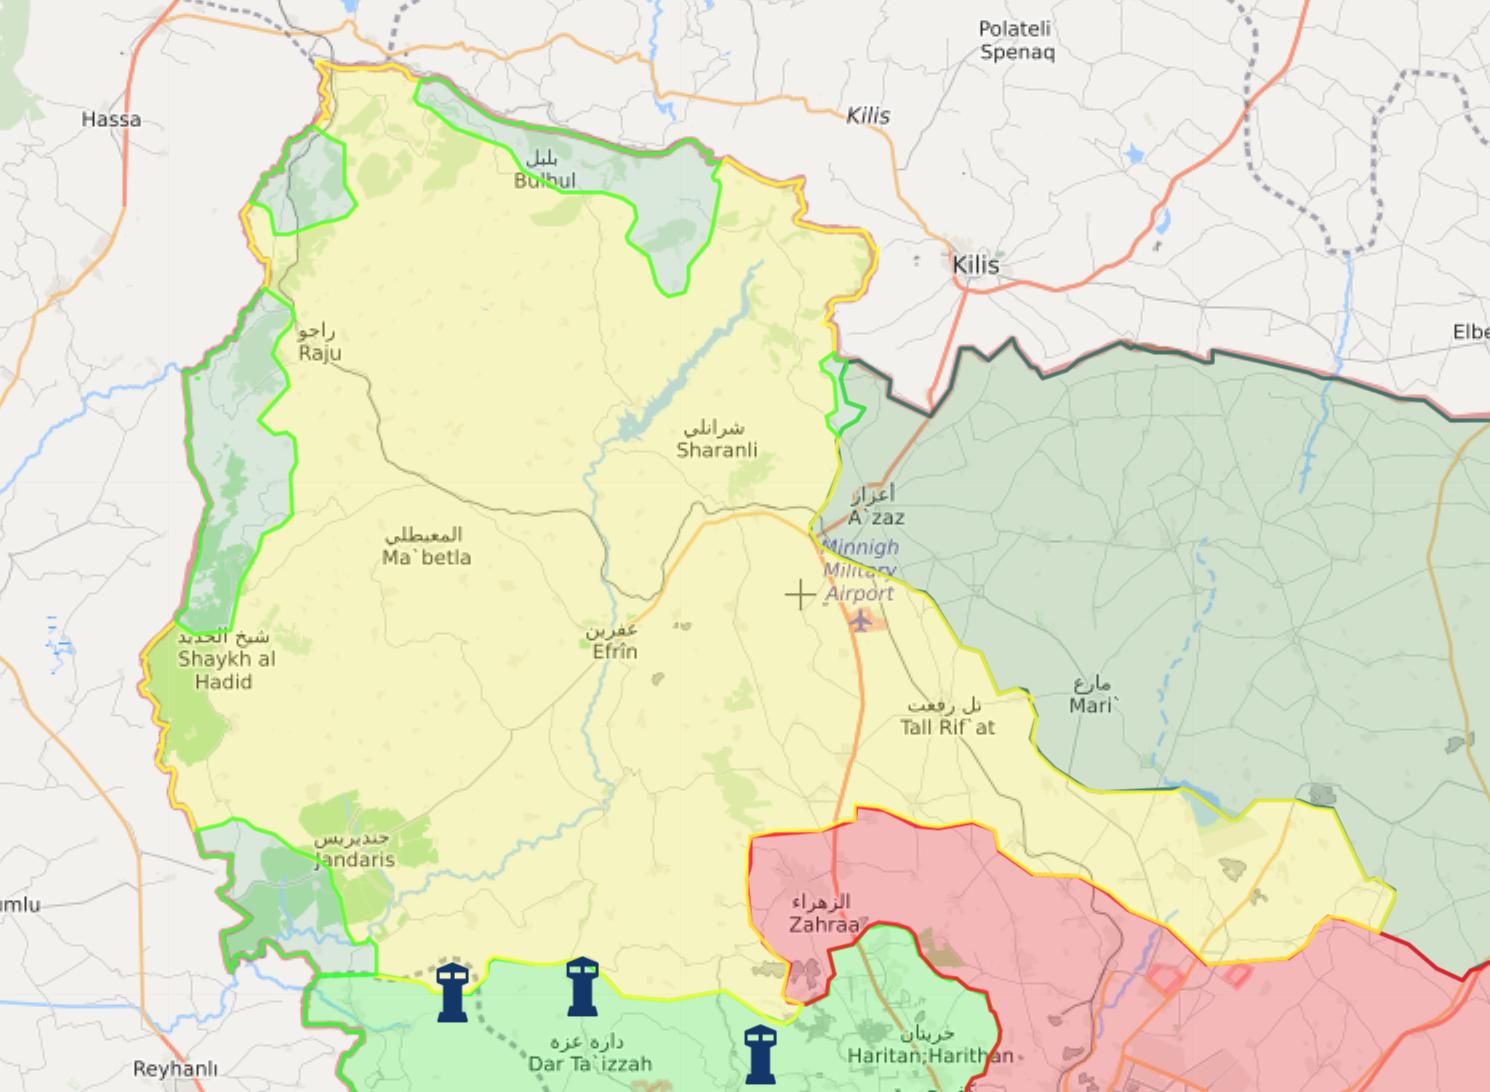 خريطة السيطرة في منطقة عفرين شمالي حلب - 15 شباط 2018 (livemap)